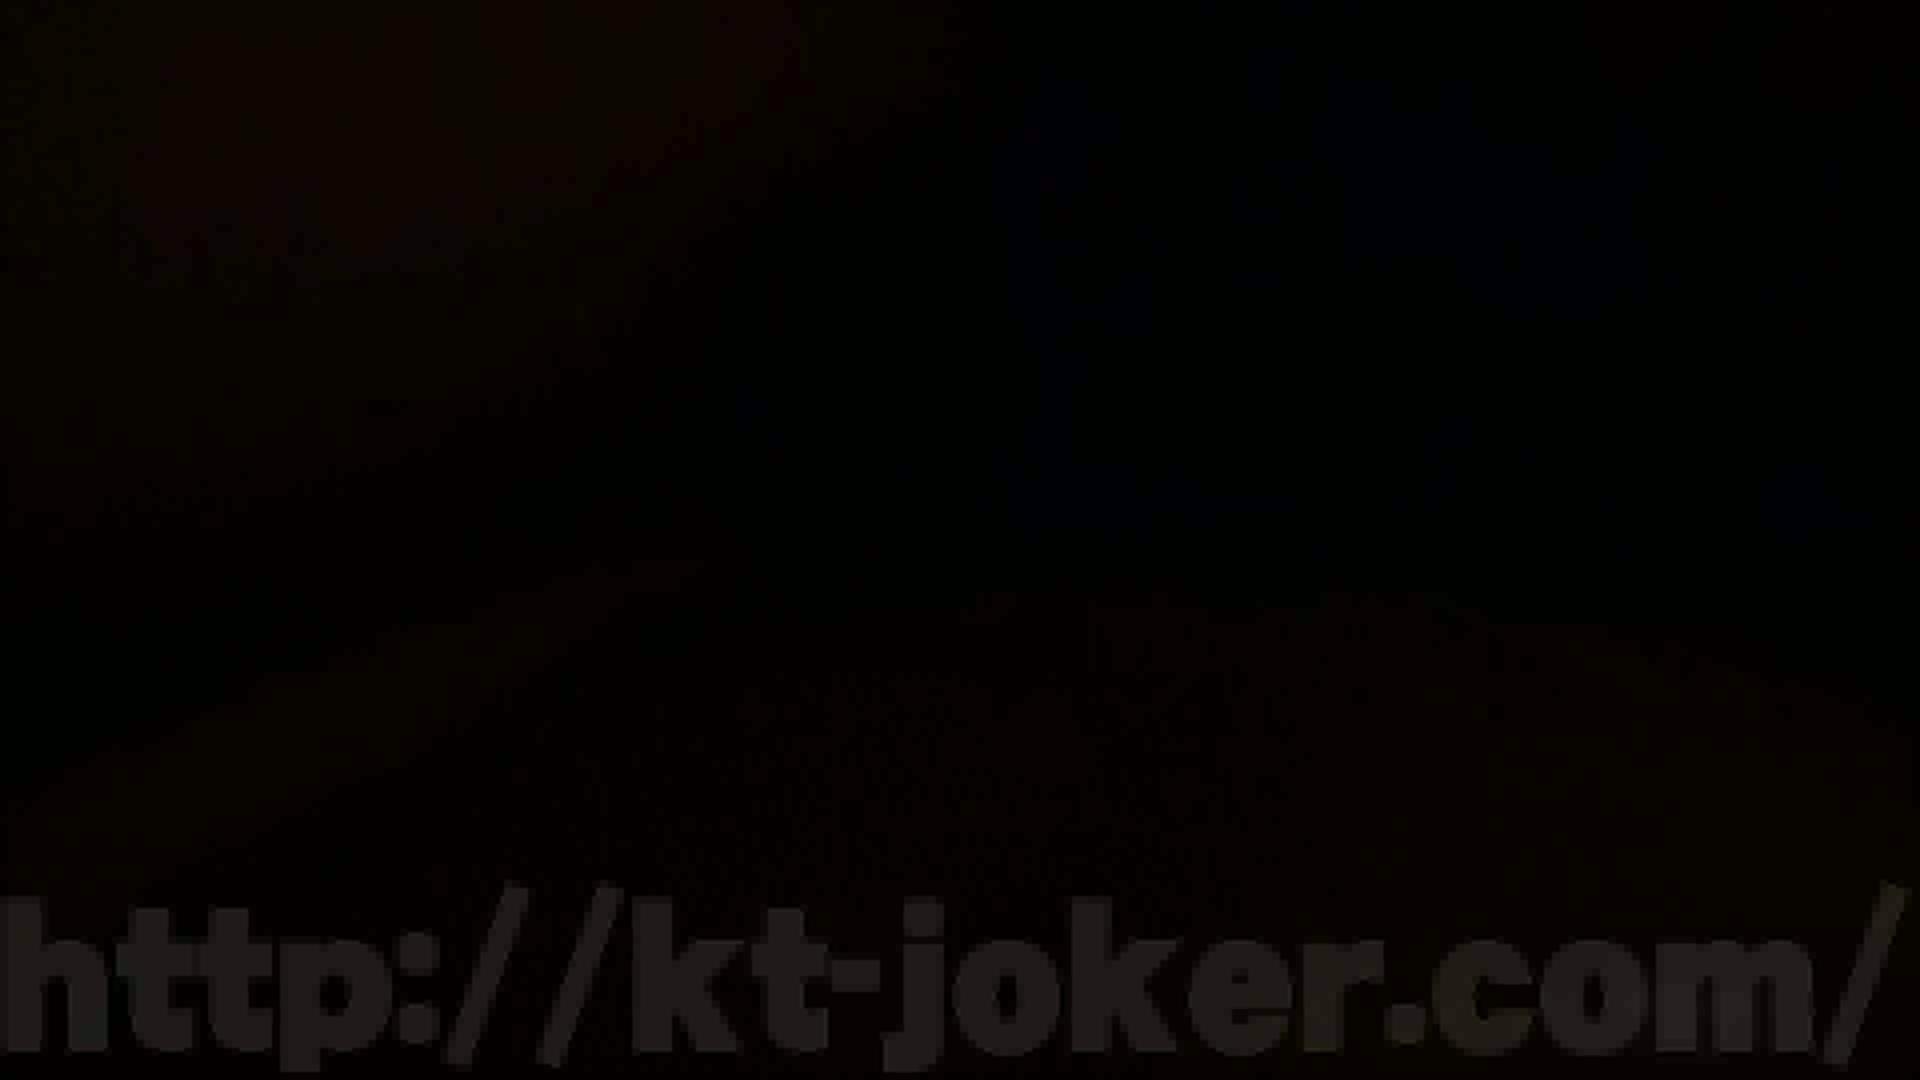 イ・タ・ズ・ラ劇場 Vol.42 美しいOLの裸体 | 0  83pic 21